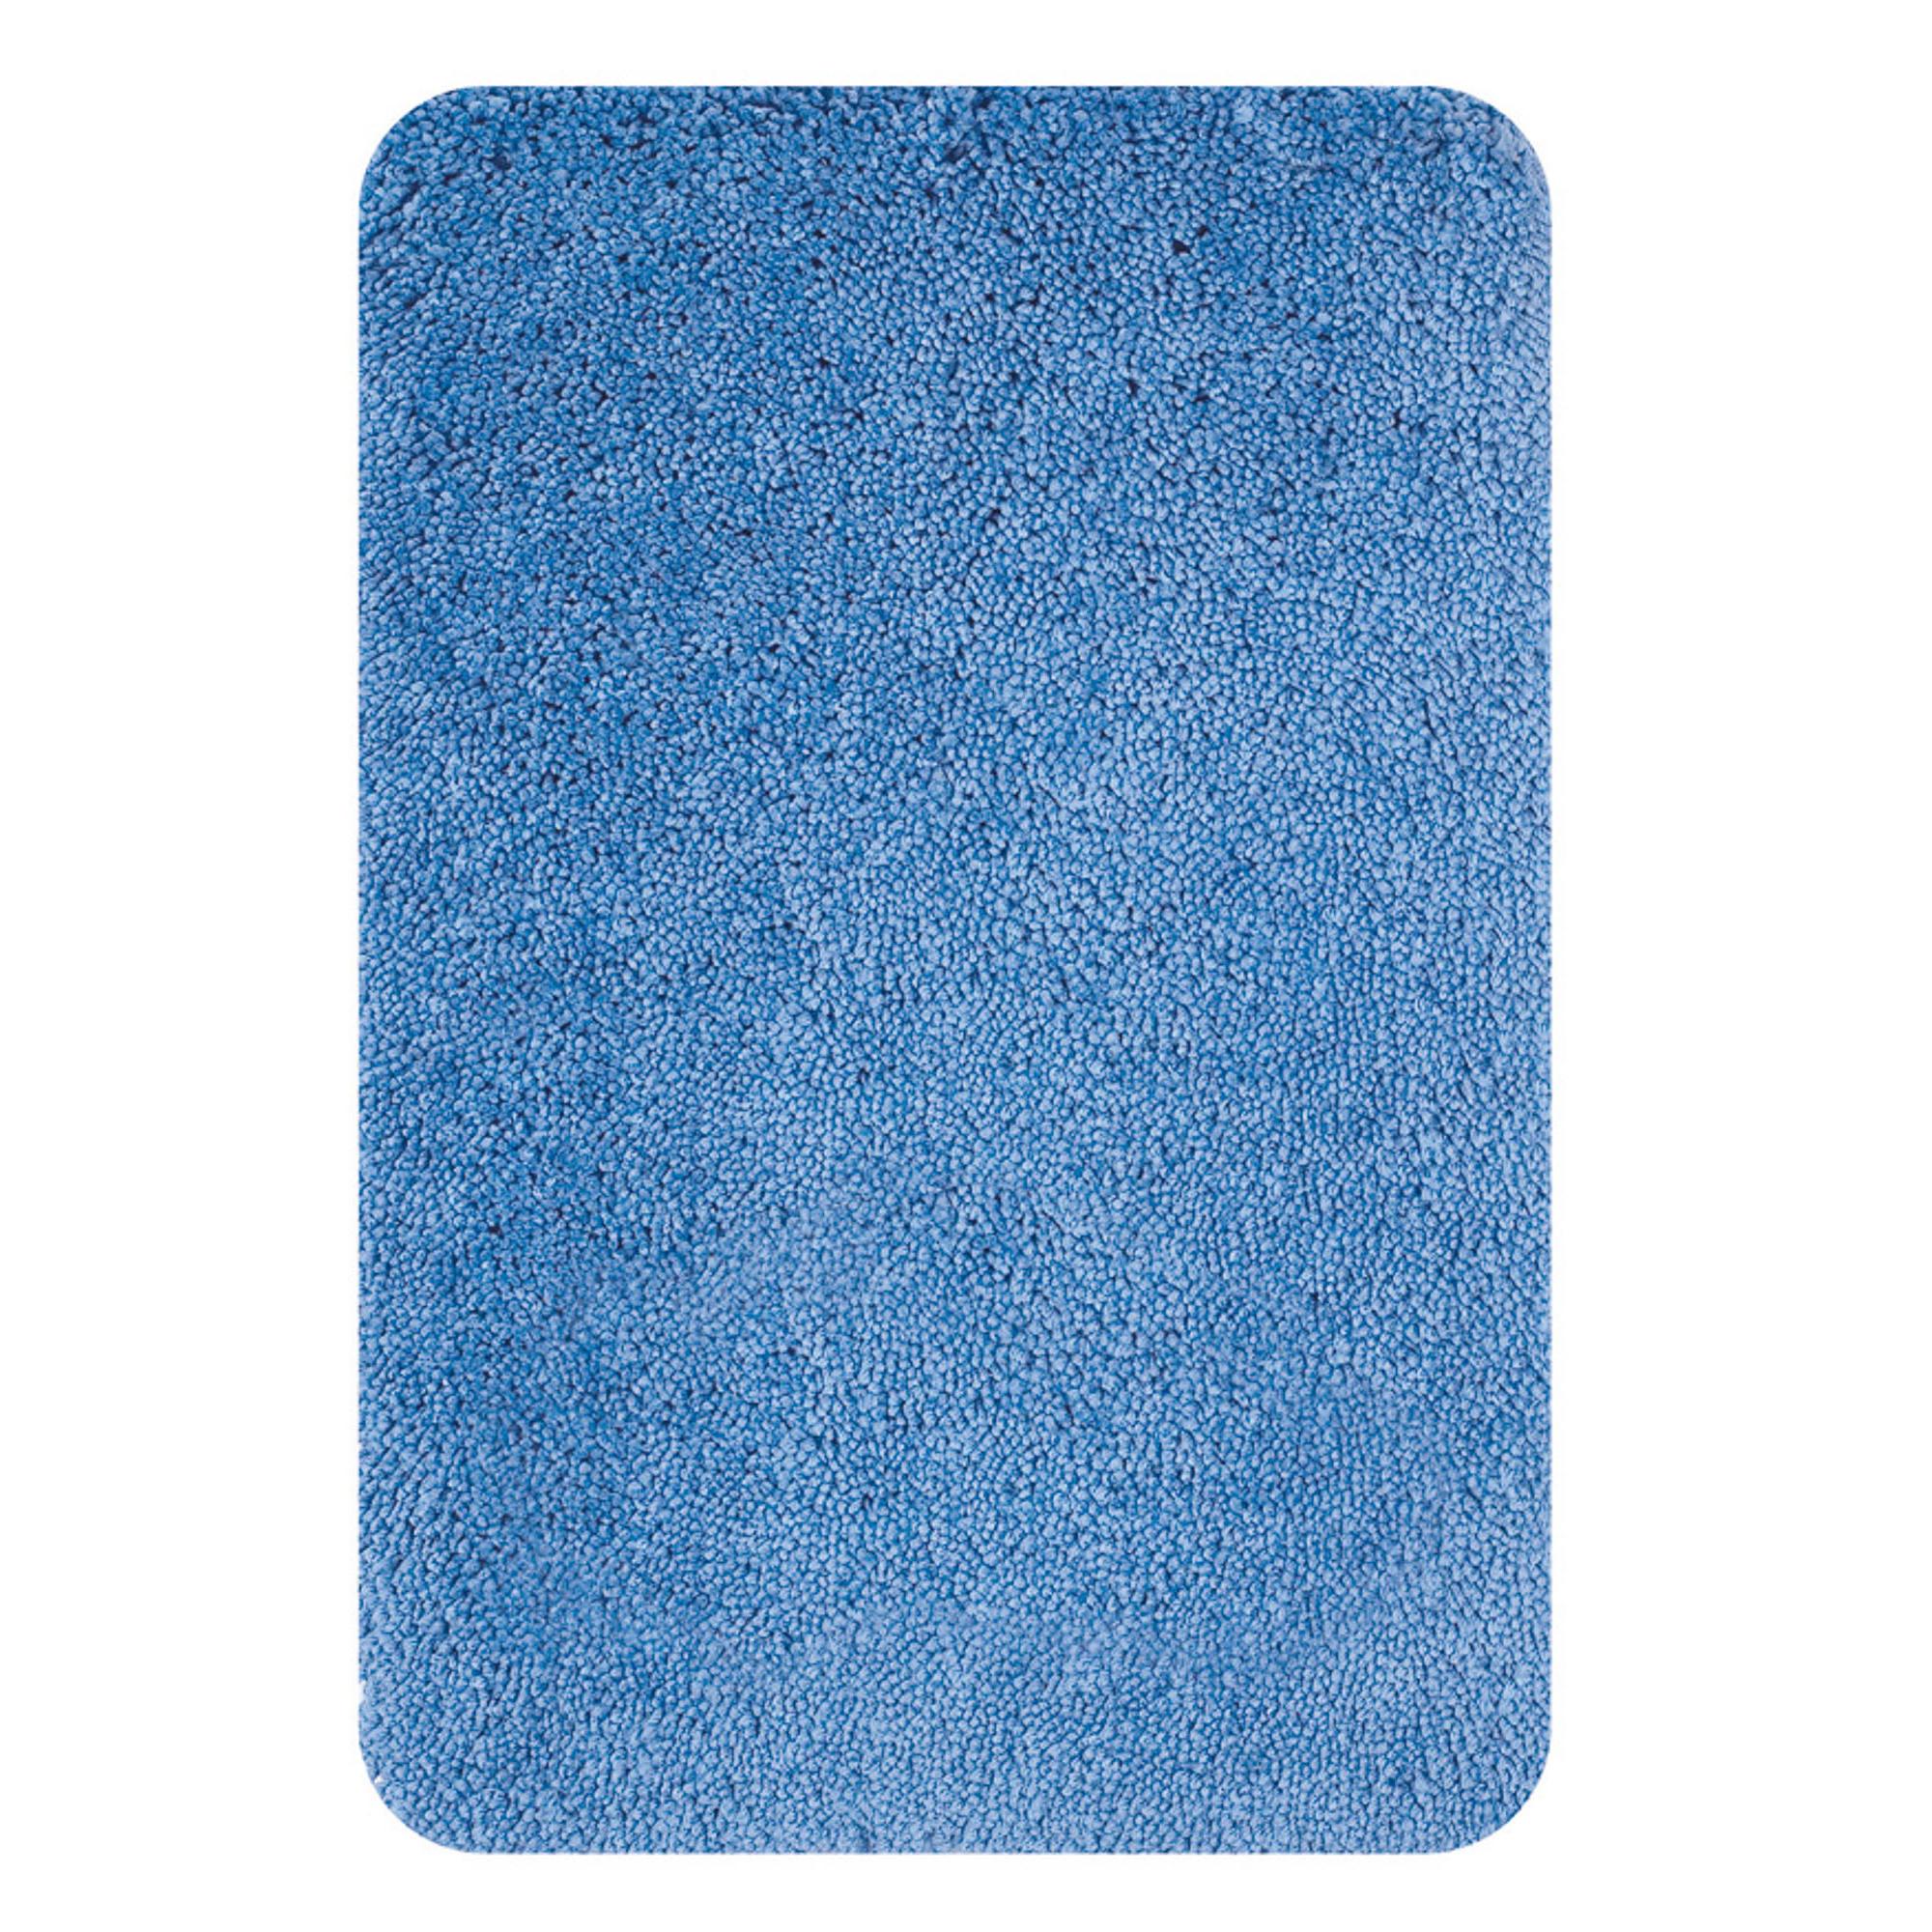 Коврик для ванны Spirella Highland Highland голубой 60x90 см ruth langan highland sword